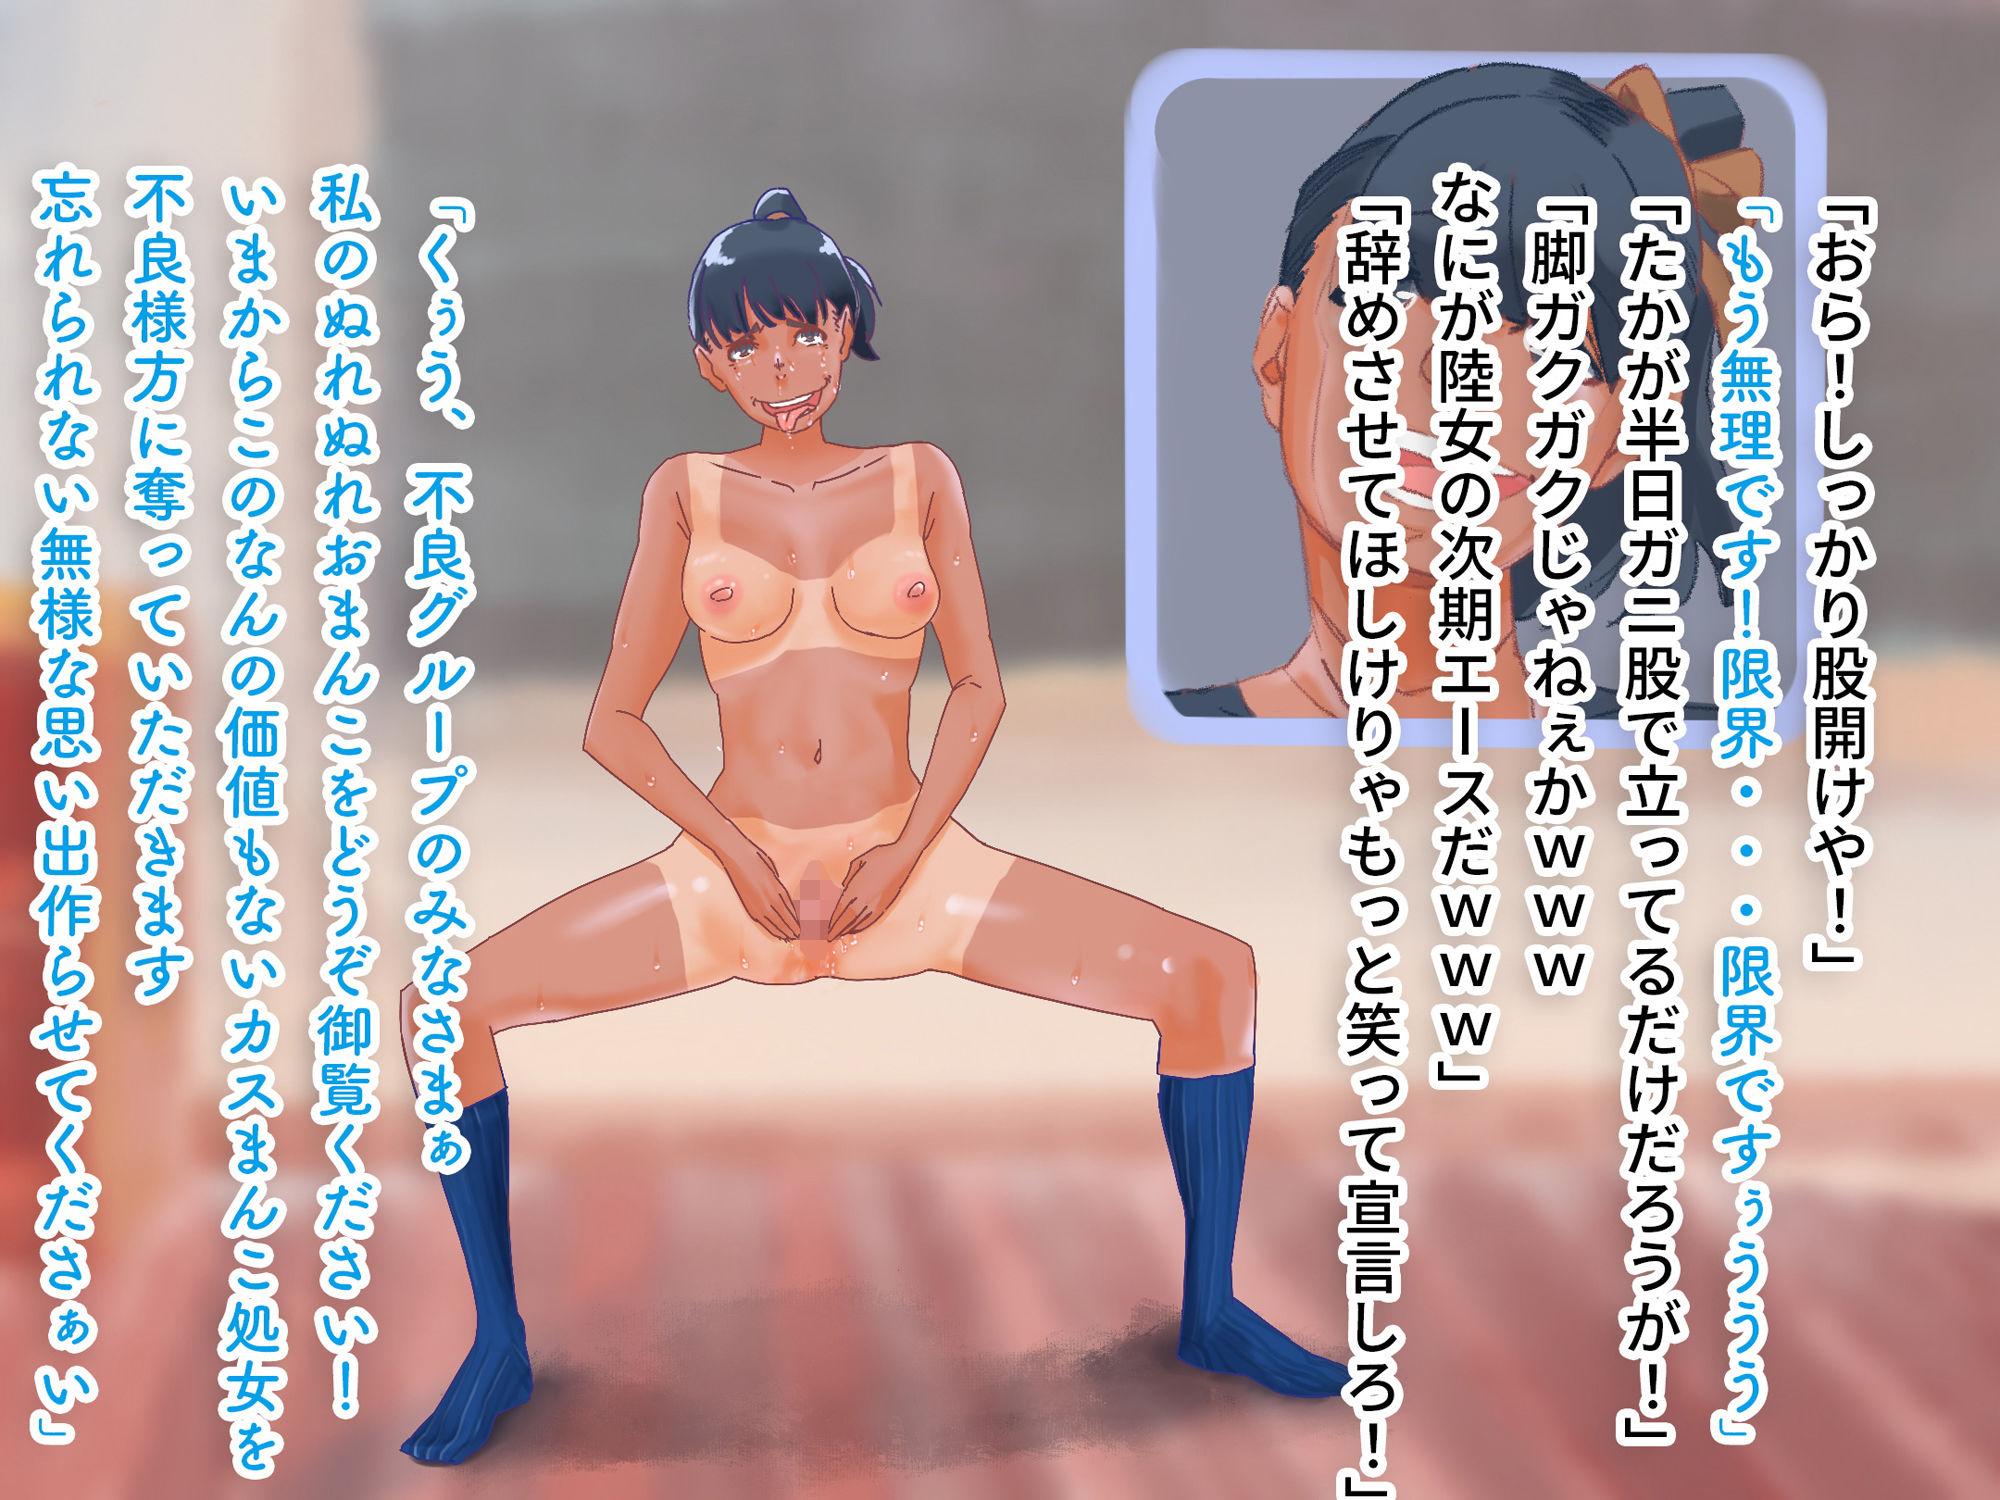 サンプル画像1:女子陸上部主将はド変態マゾメス犬に調教されました!!(ADACHIK) [d_199093]